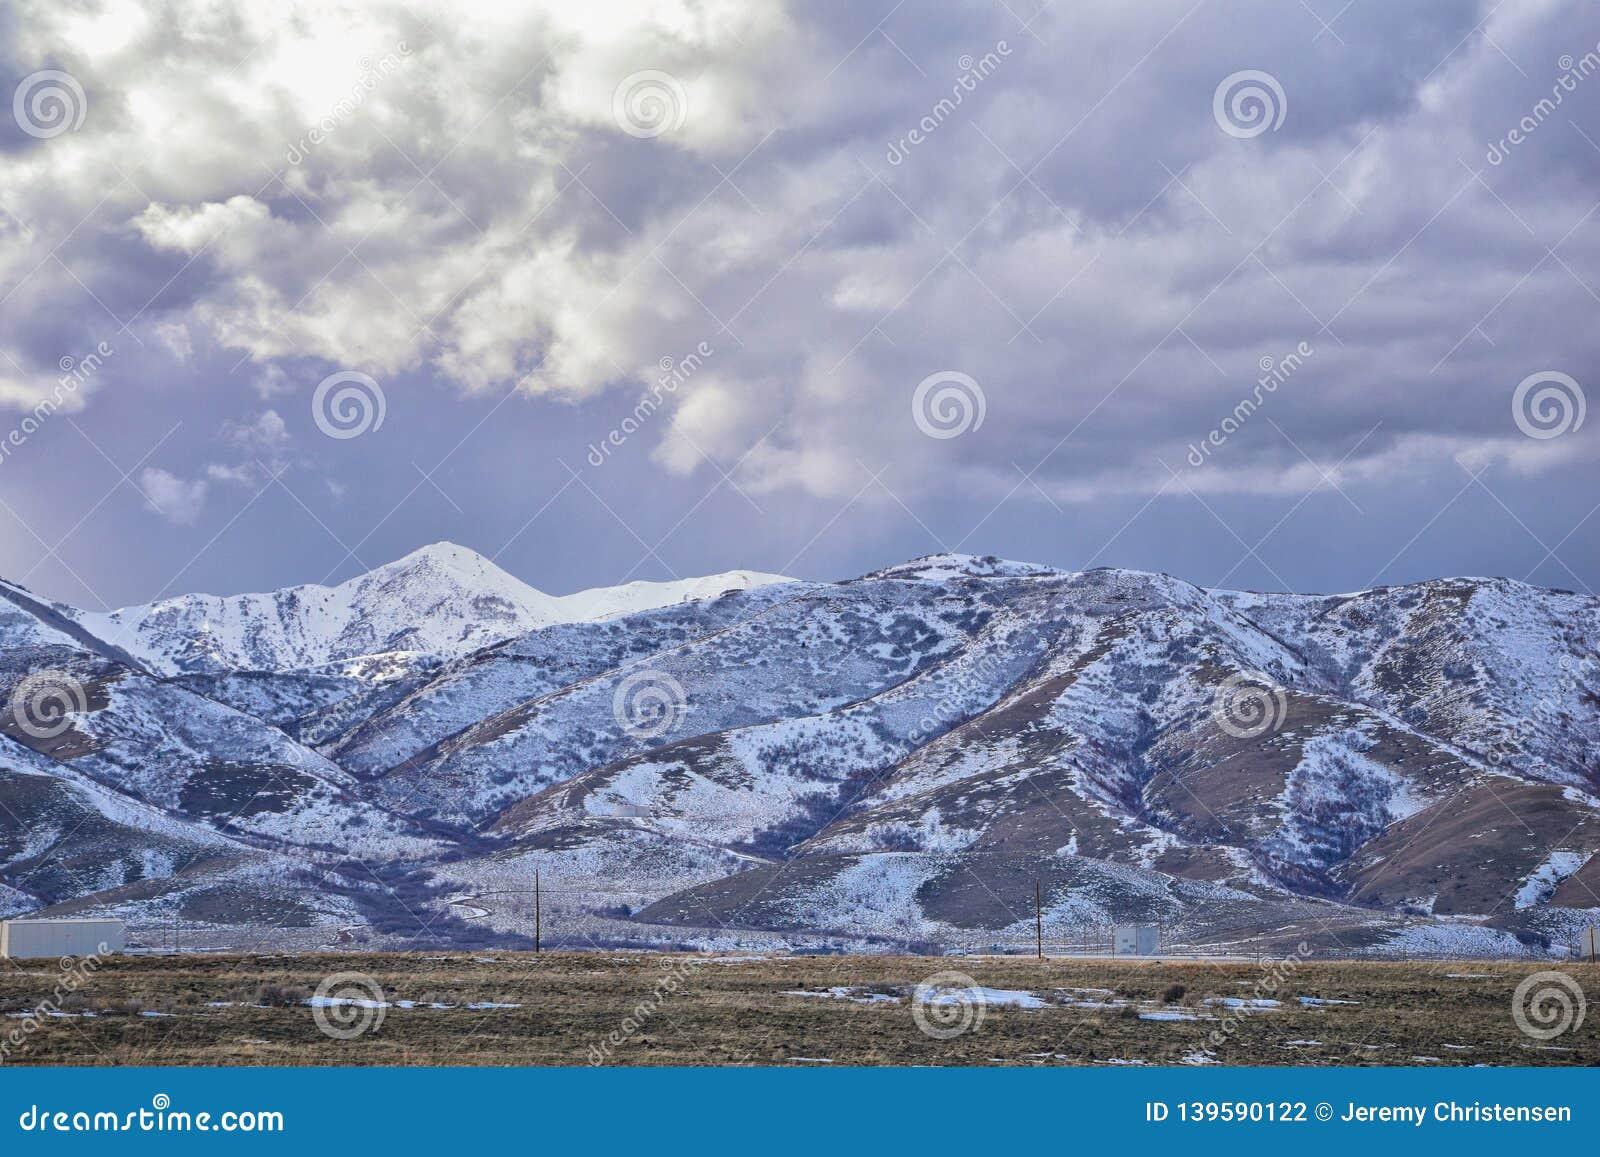 O panorama do inverno da neve da cordilheira de Oquirrh tampou, que inclui a mina de Bingham Canyon Mine ou de cobre de Kennecott